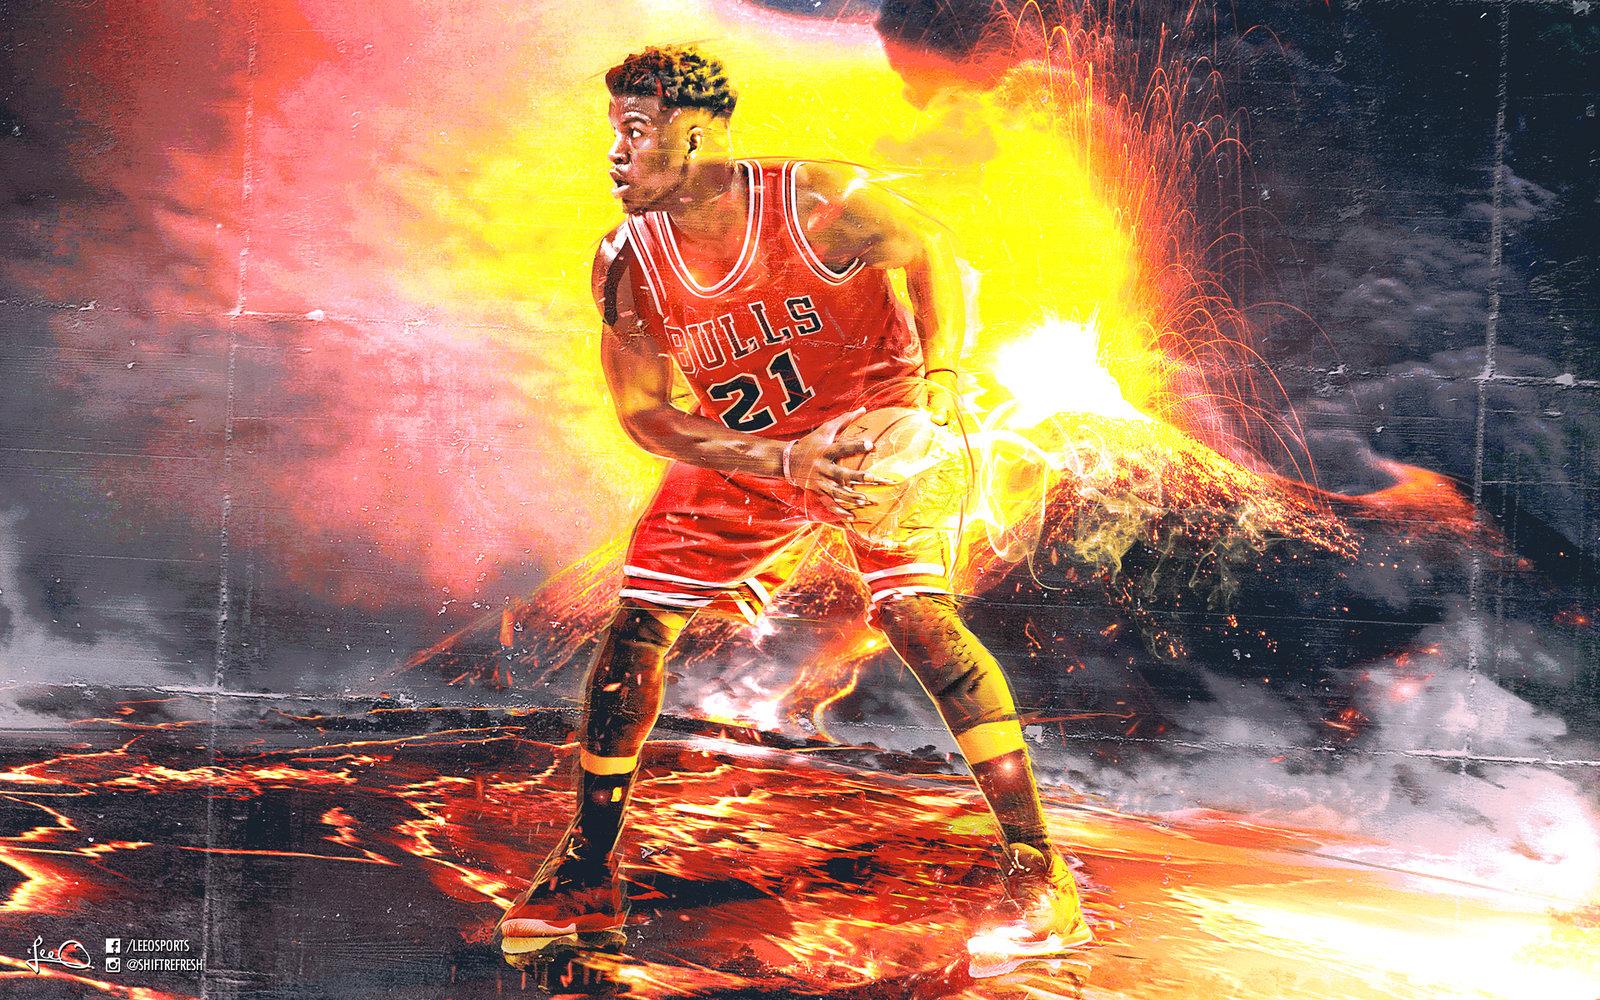 Free NBA Wallpapers 2016 - WallpaperSafari